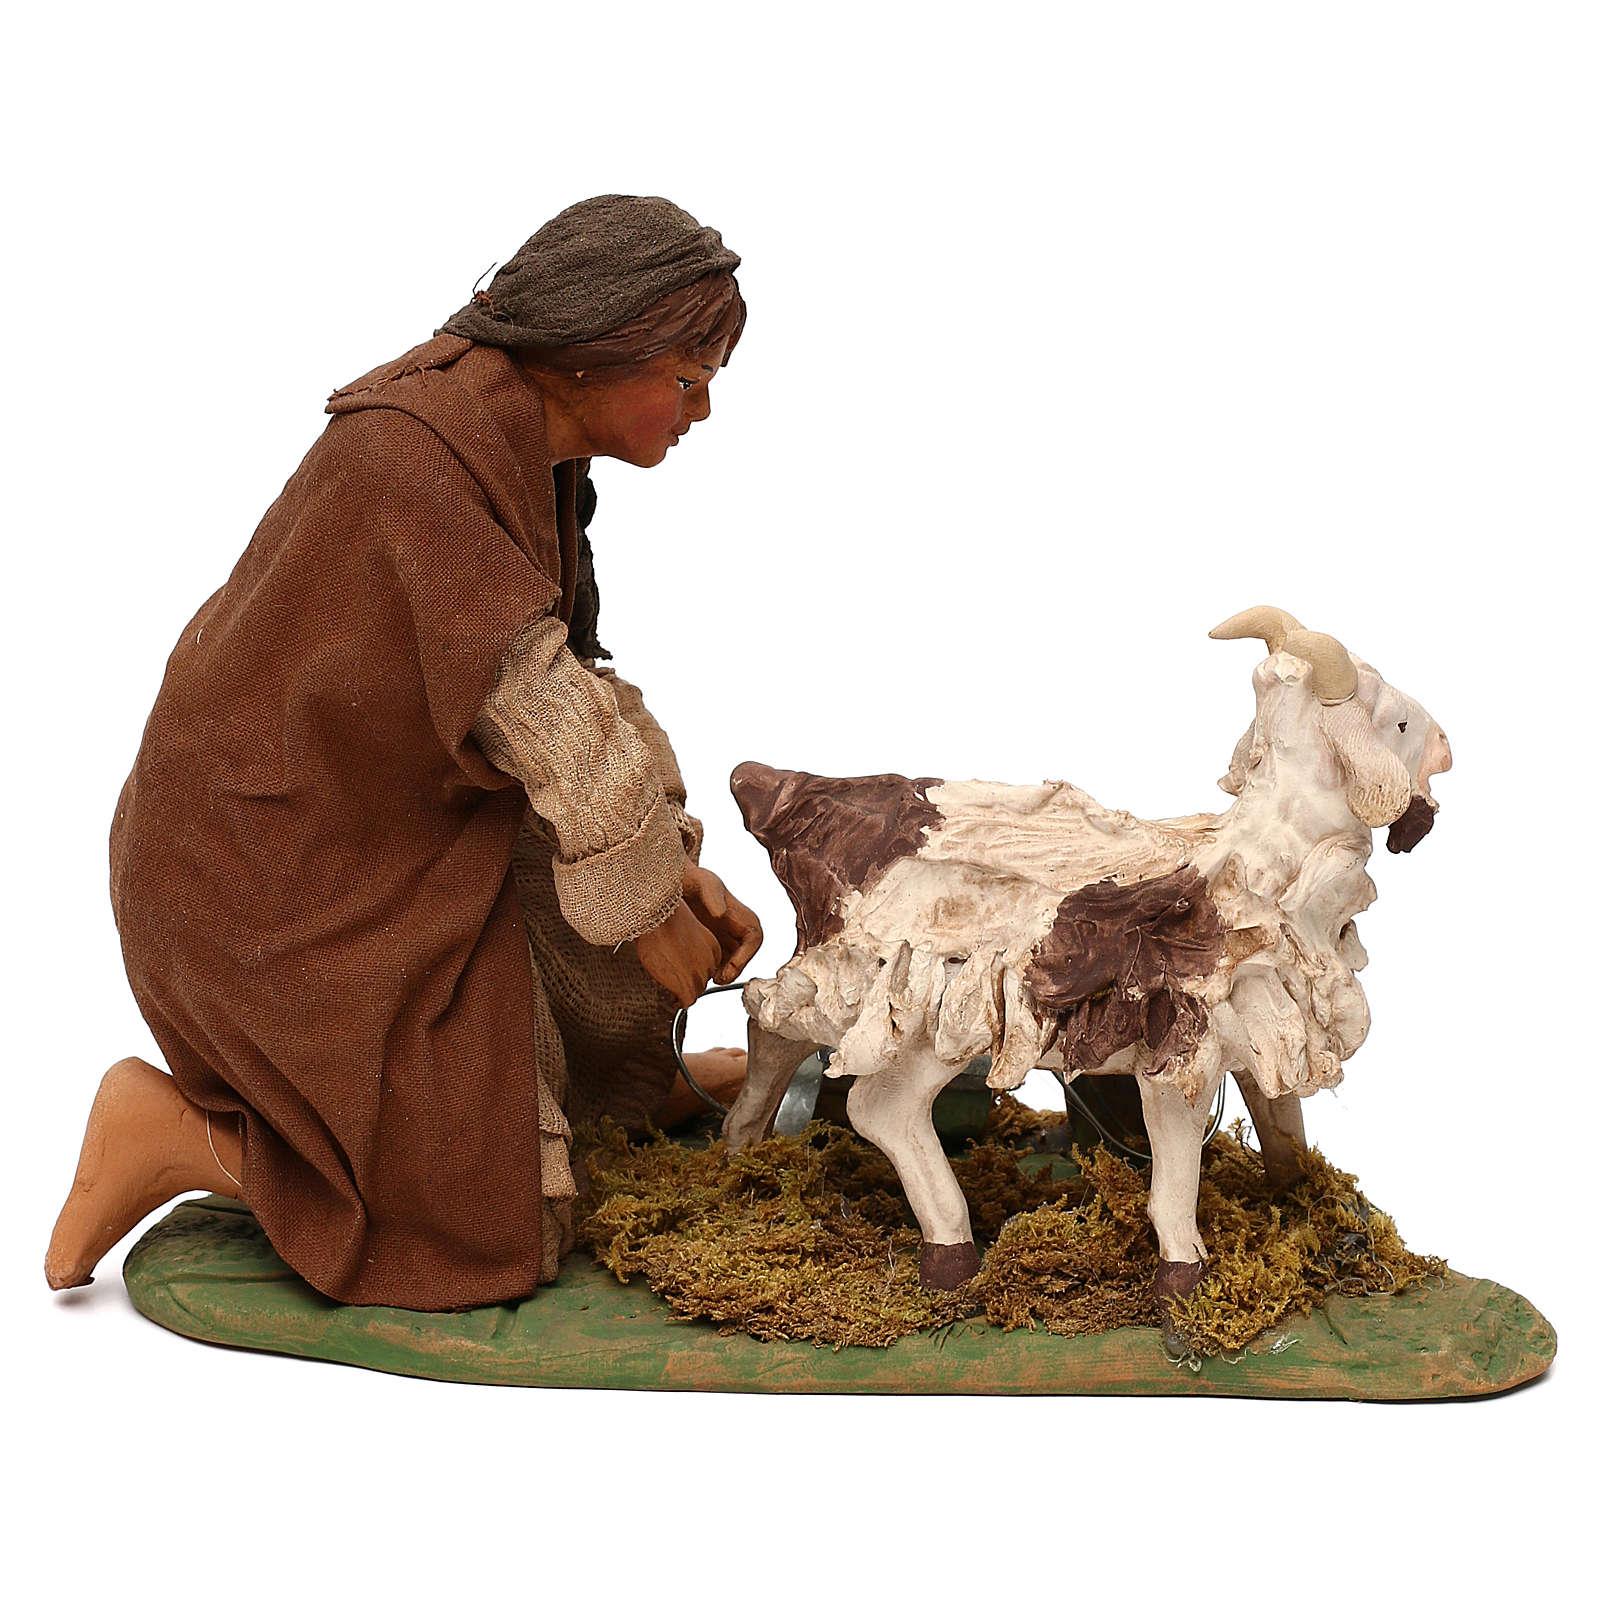 STOCK Donna con capra terracotta vestita 24 cm presepe Napoli 4